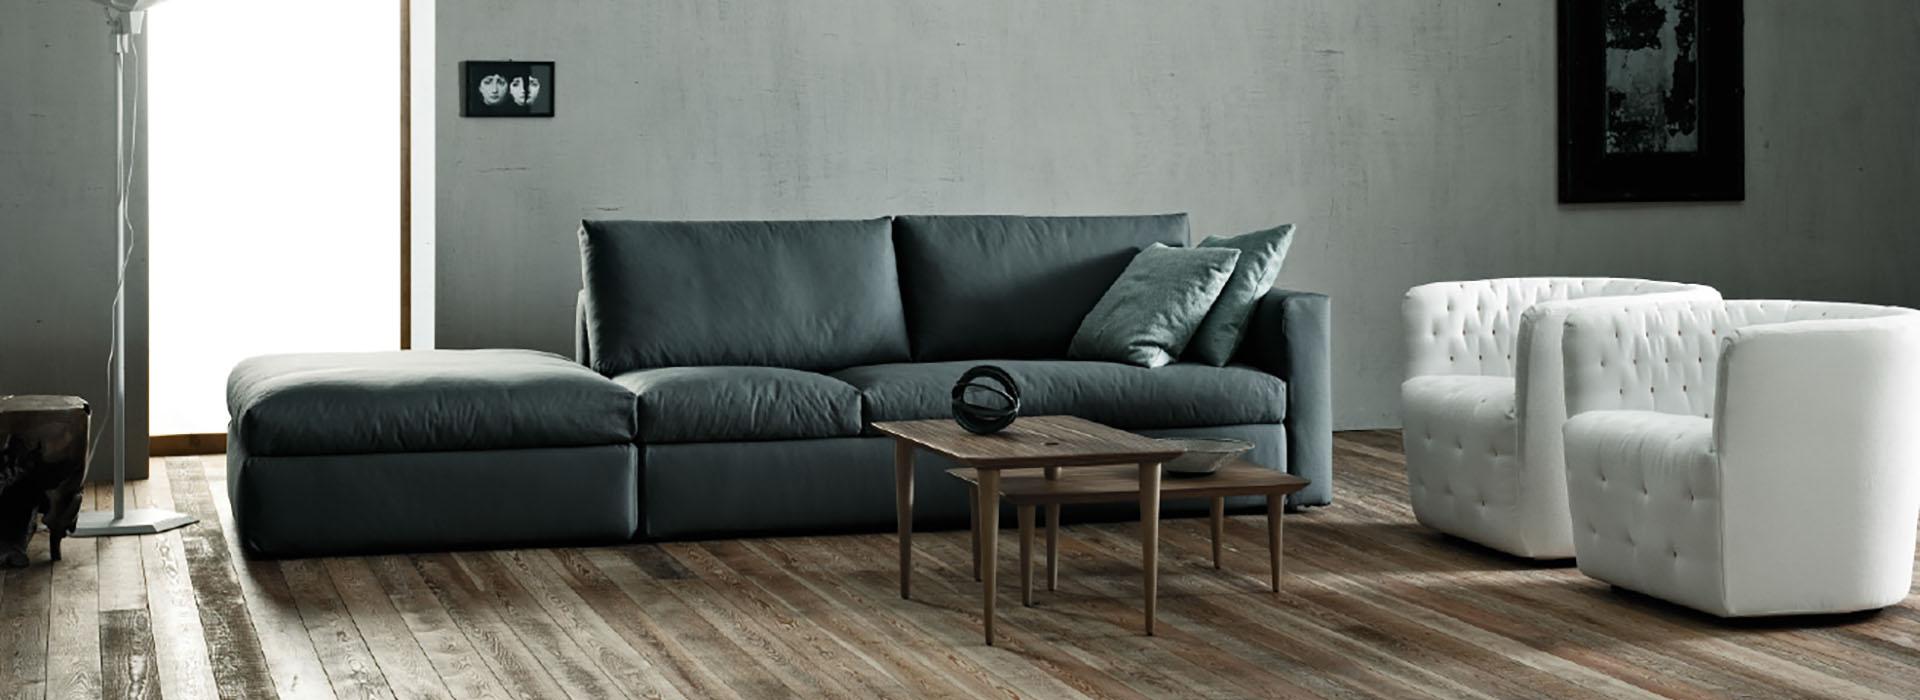 Trucchi e segreti per pulire i divani in pelle